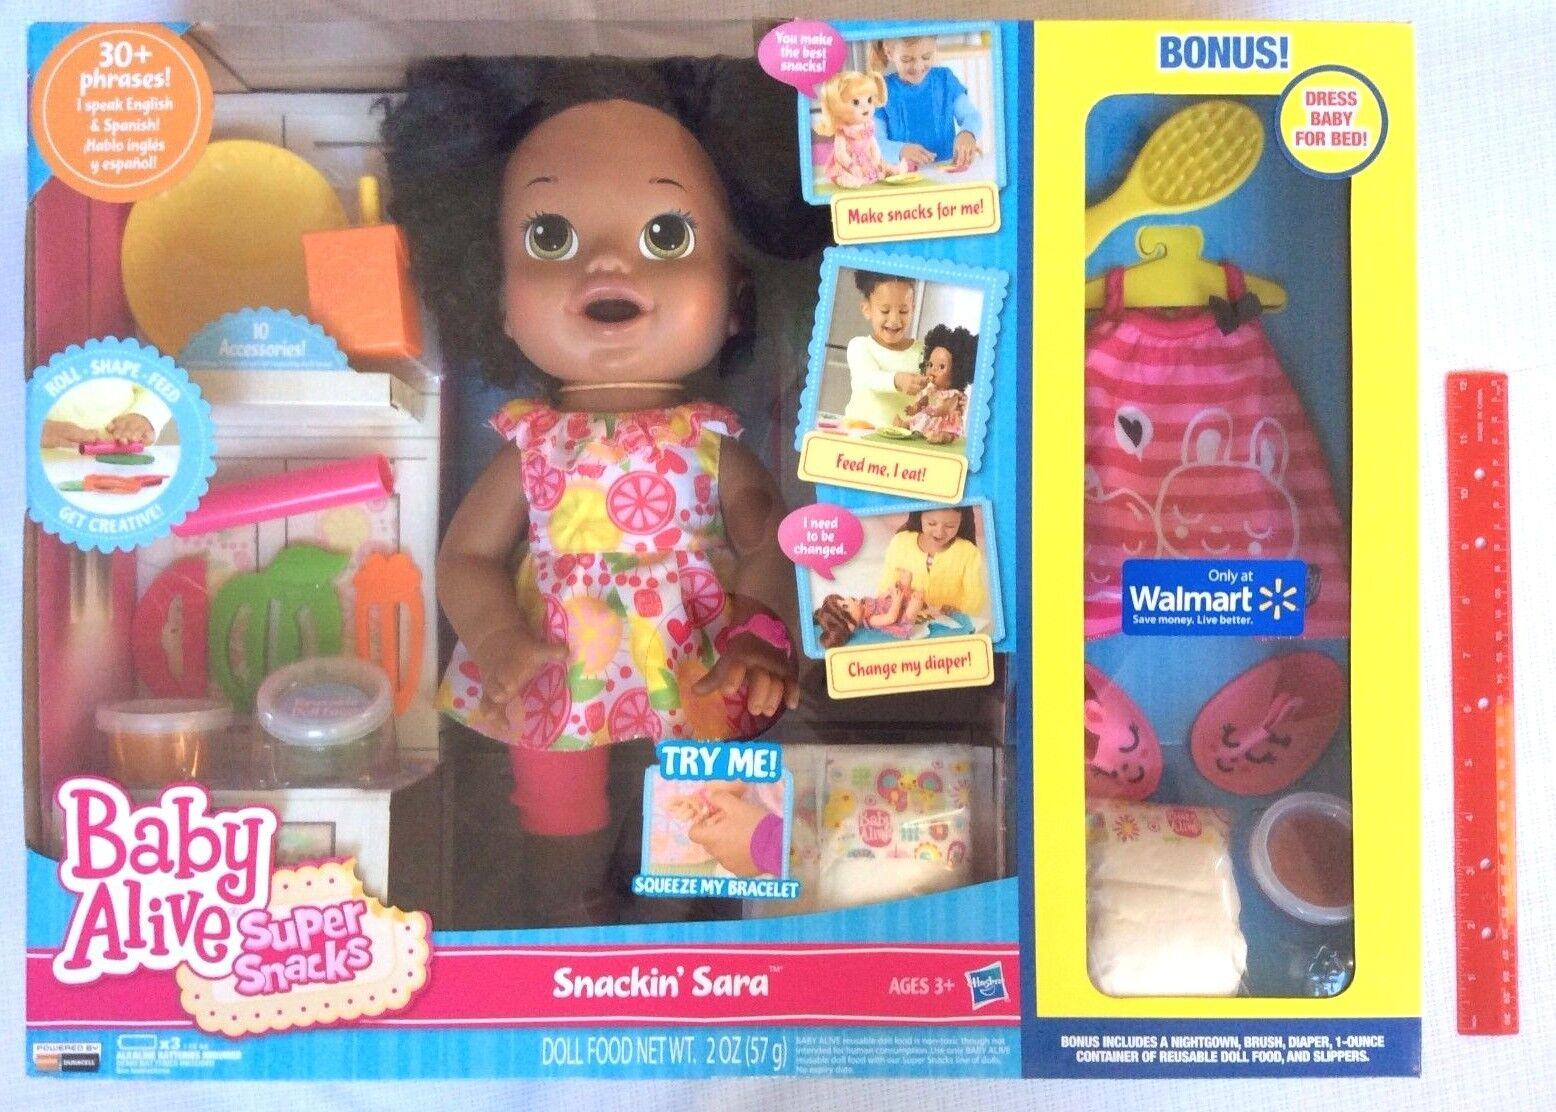 Baby Alive Súper bocadillos Snackin 'Sara comer hablar Caca AA afroamericano + Bonus